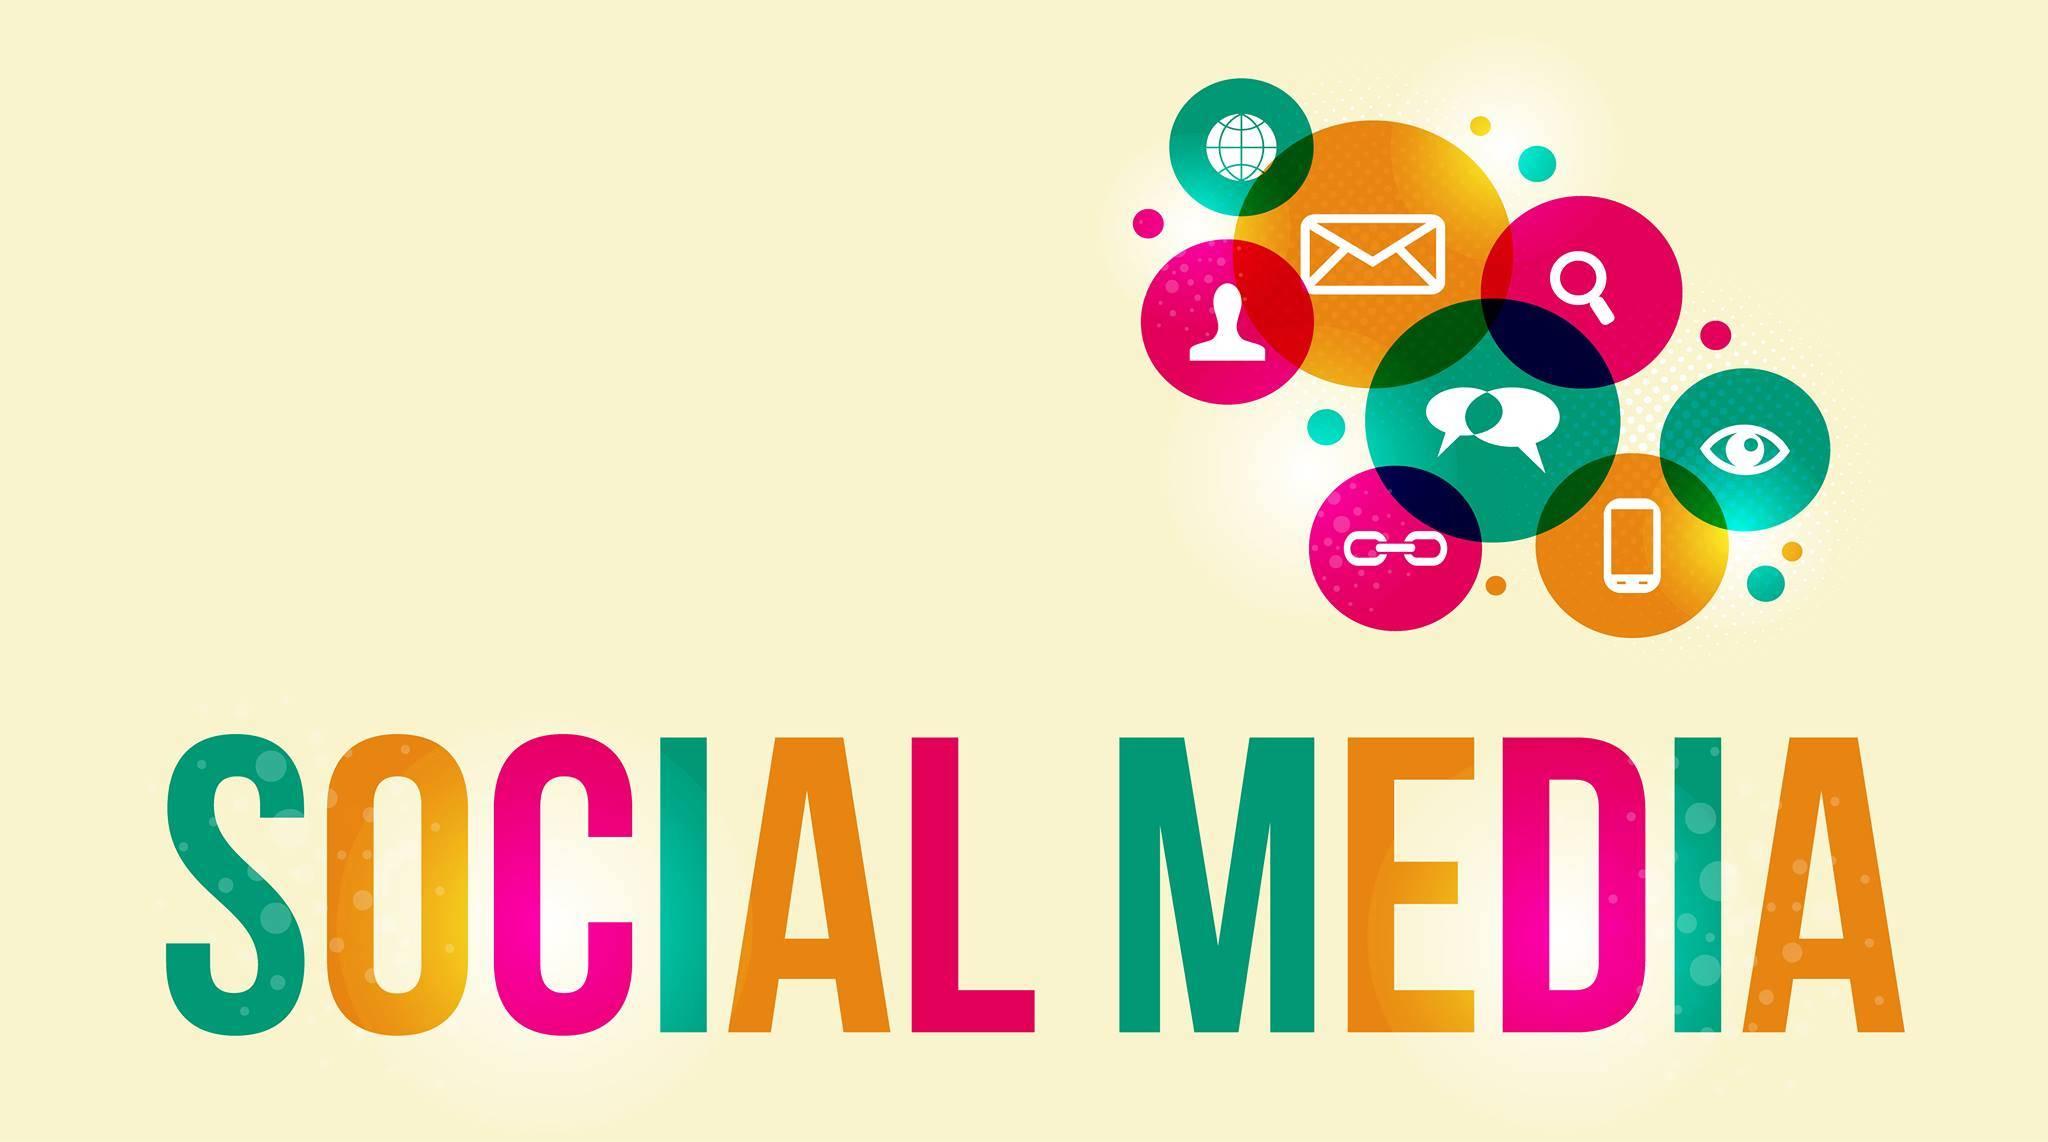 Hvorfor skal du bruge de sociale medier?